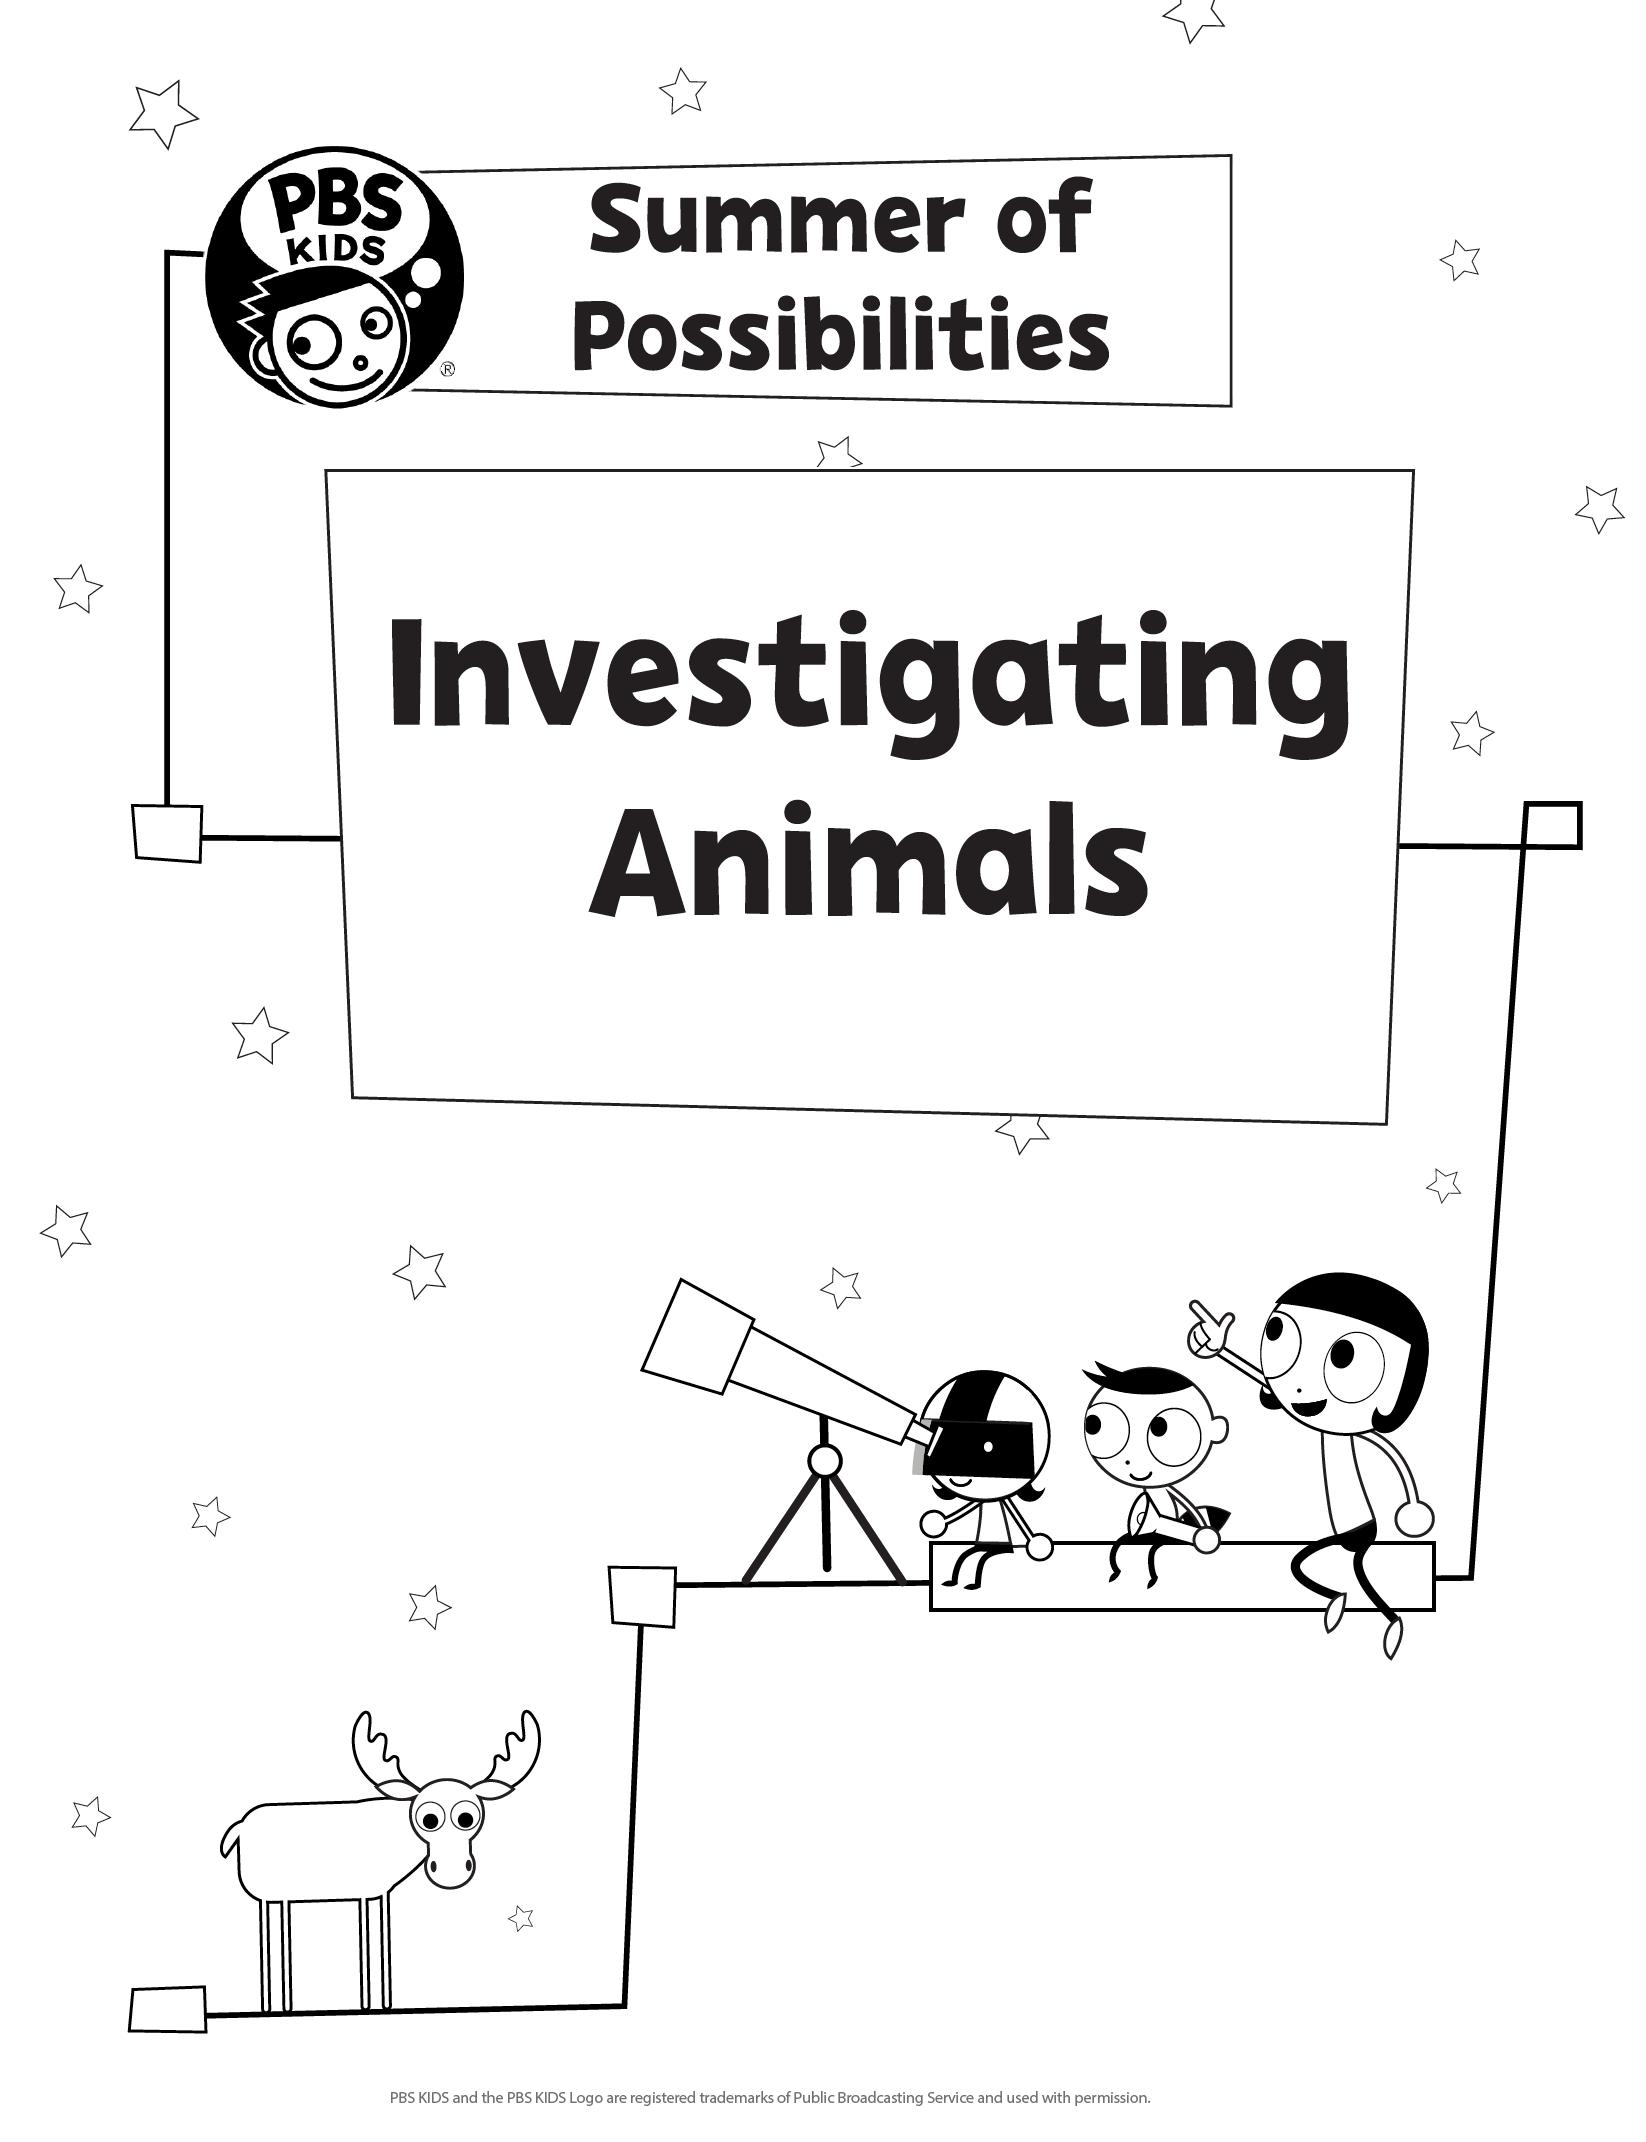 Investigating Animals